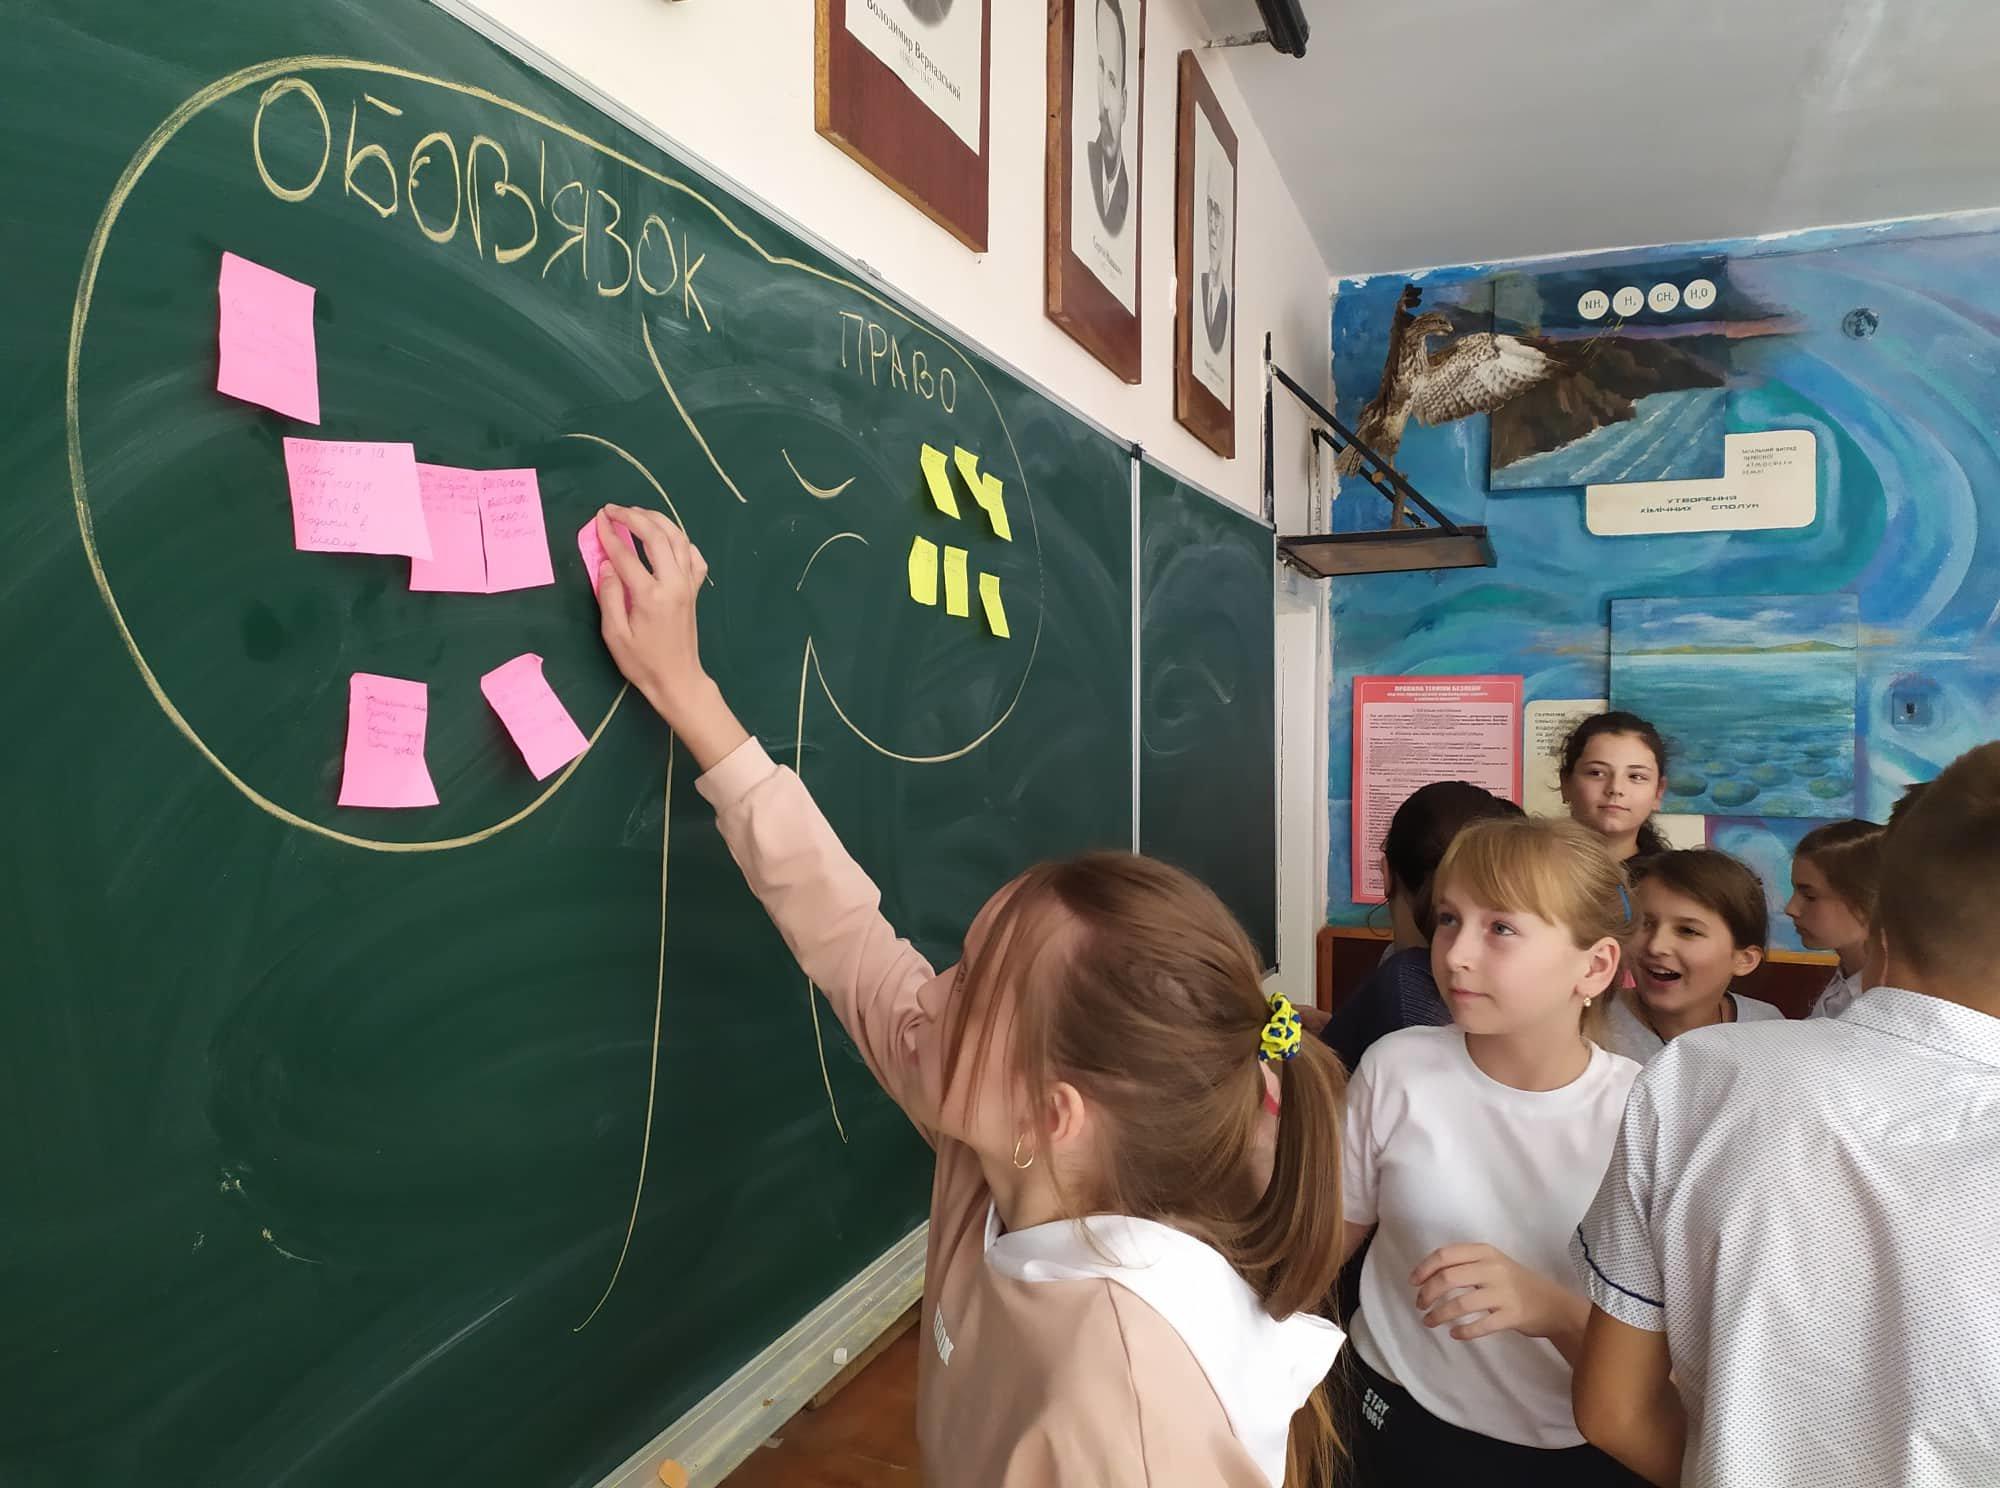 Працівники юстиції Тернопільщини провели у школах уроки «Я МАЮ ПРАВО!» (ФОТО)